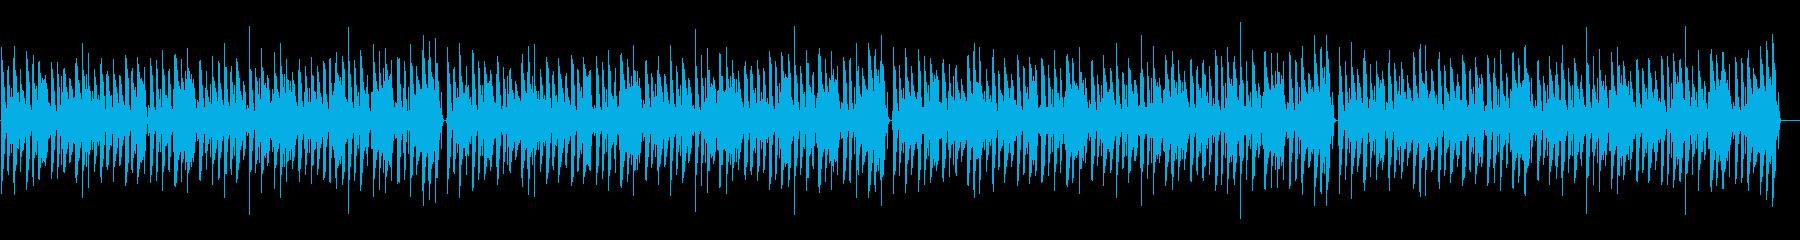 ほのぼの脱力系「荒城の月」の再生済みの波形